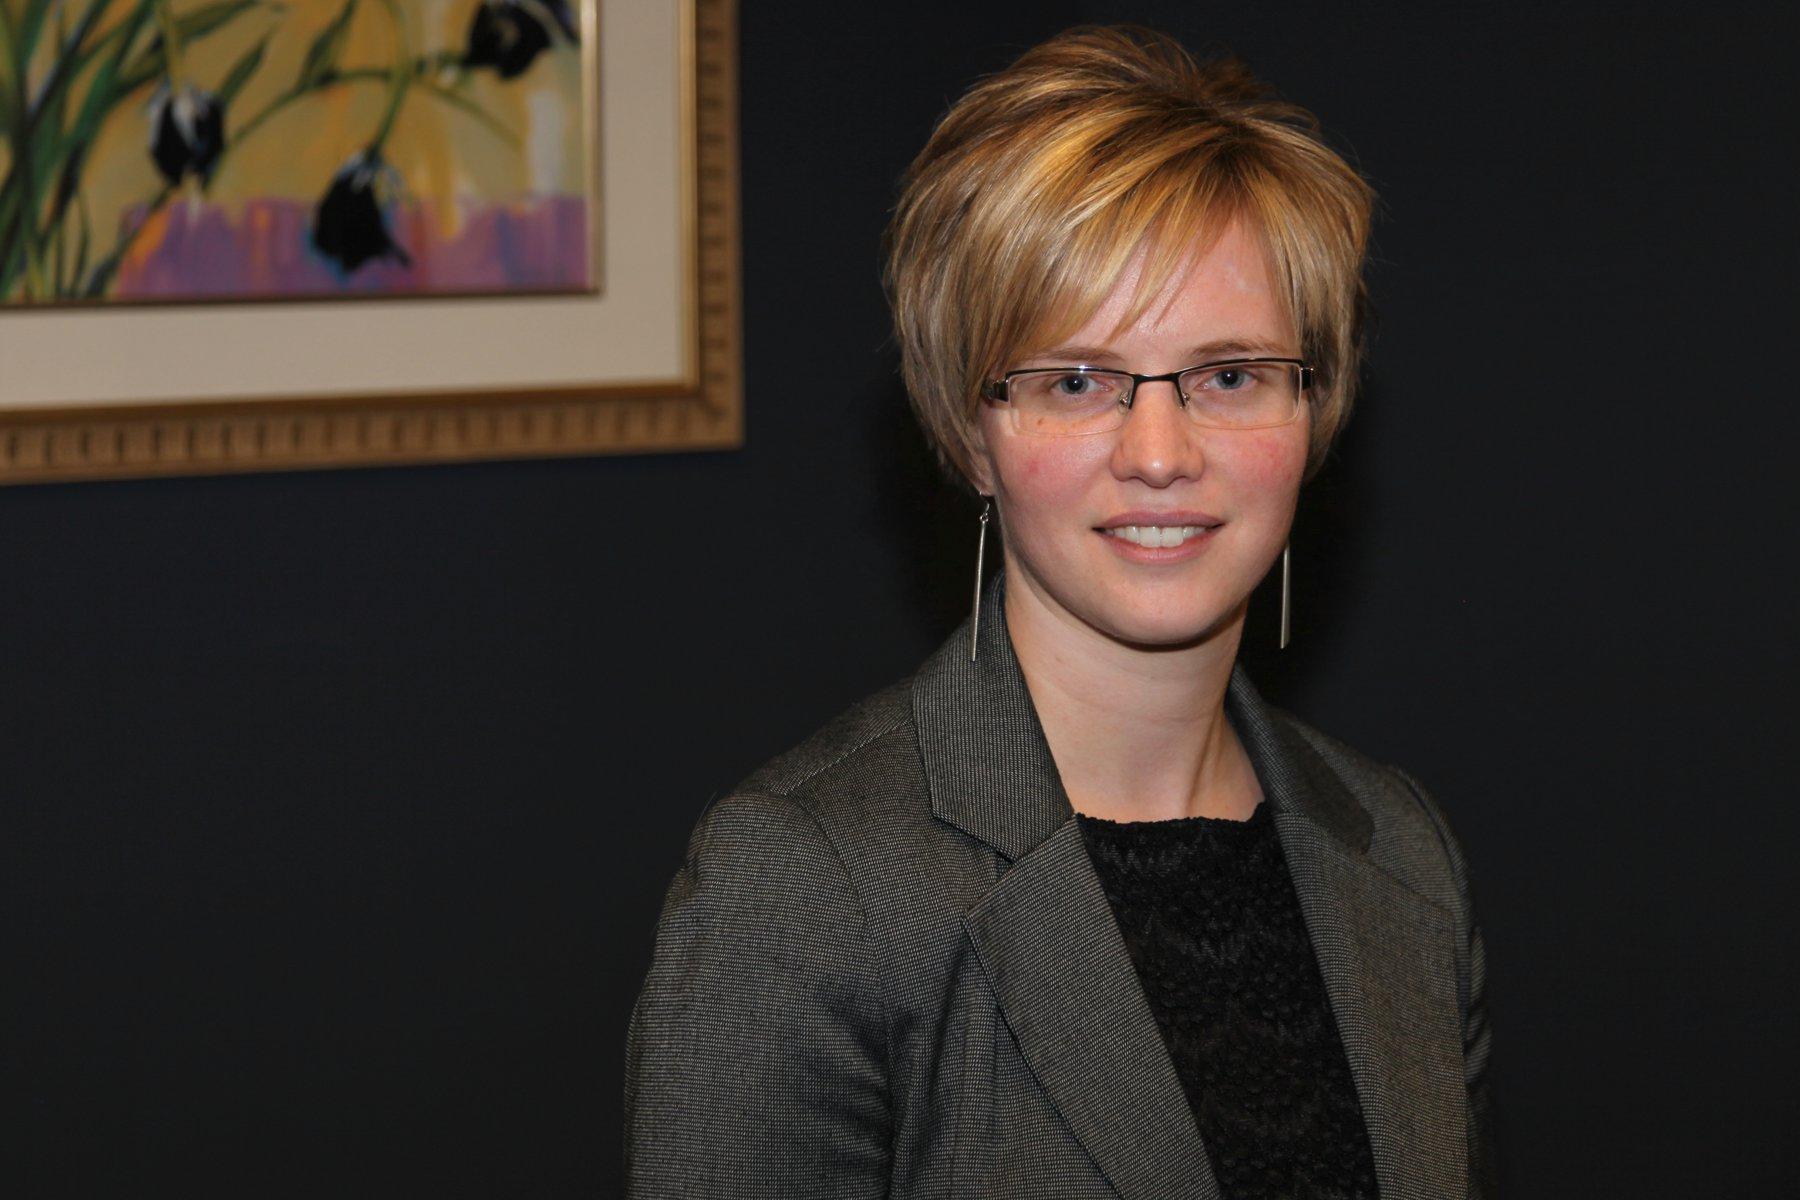 Maria Kinkel